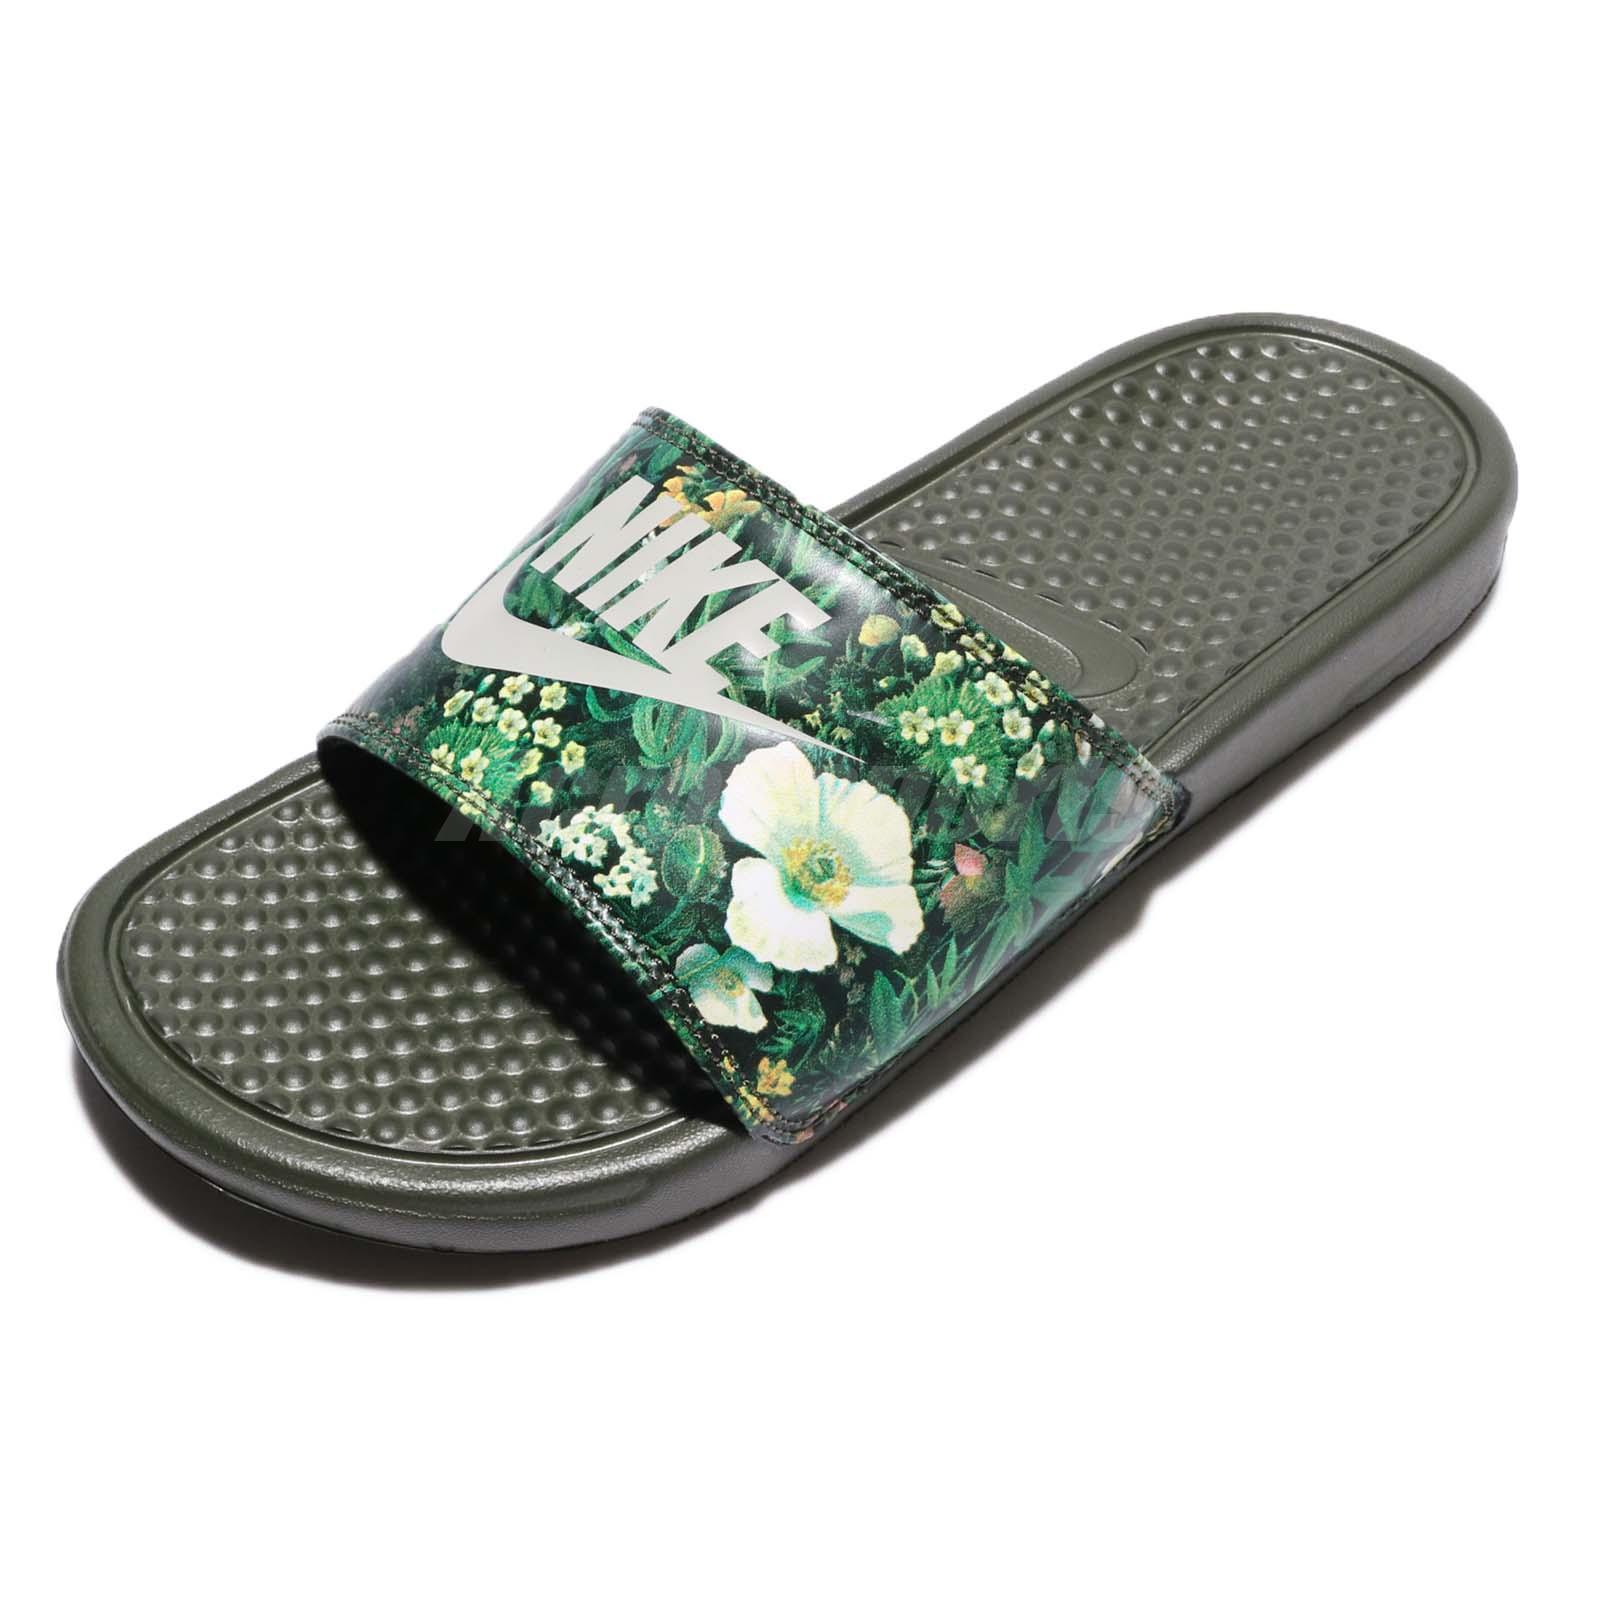 Nike Wmns Benassi JDI Print Floral Cargo Khaki Women Sandal Slide 618919-300 5030a214fff5